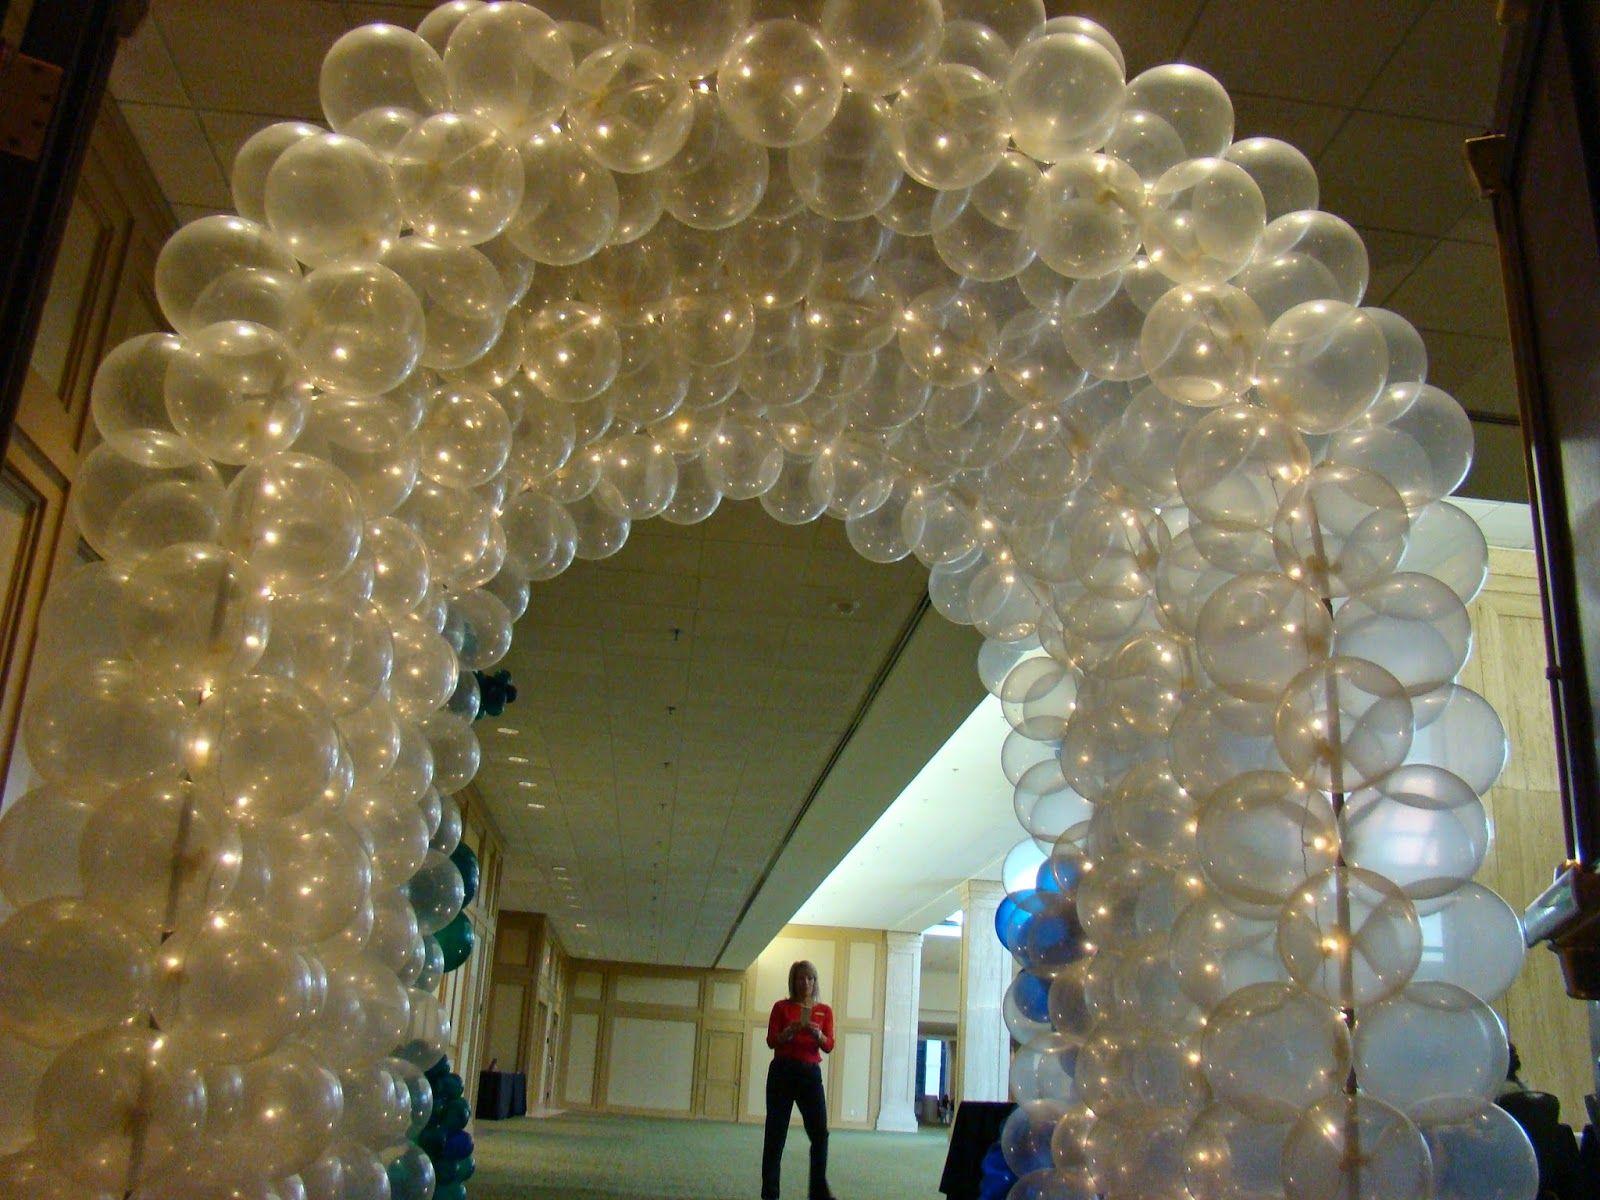 Atlanta Events Extraordinaire Party Blog Triple Balloon Arch Entrance For